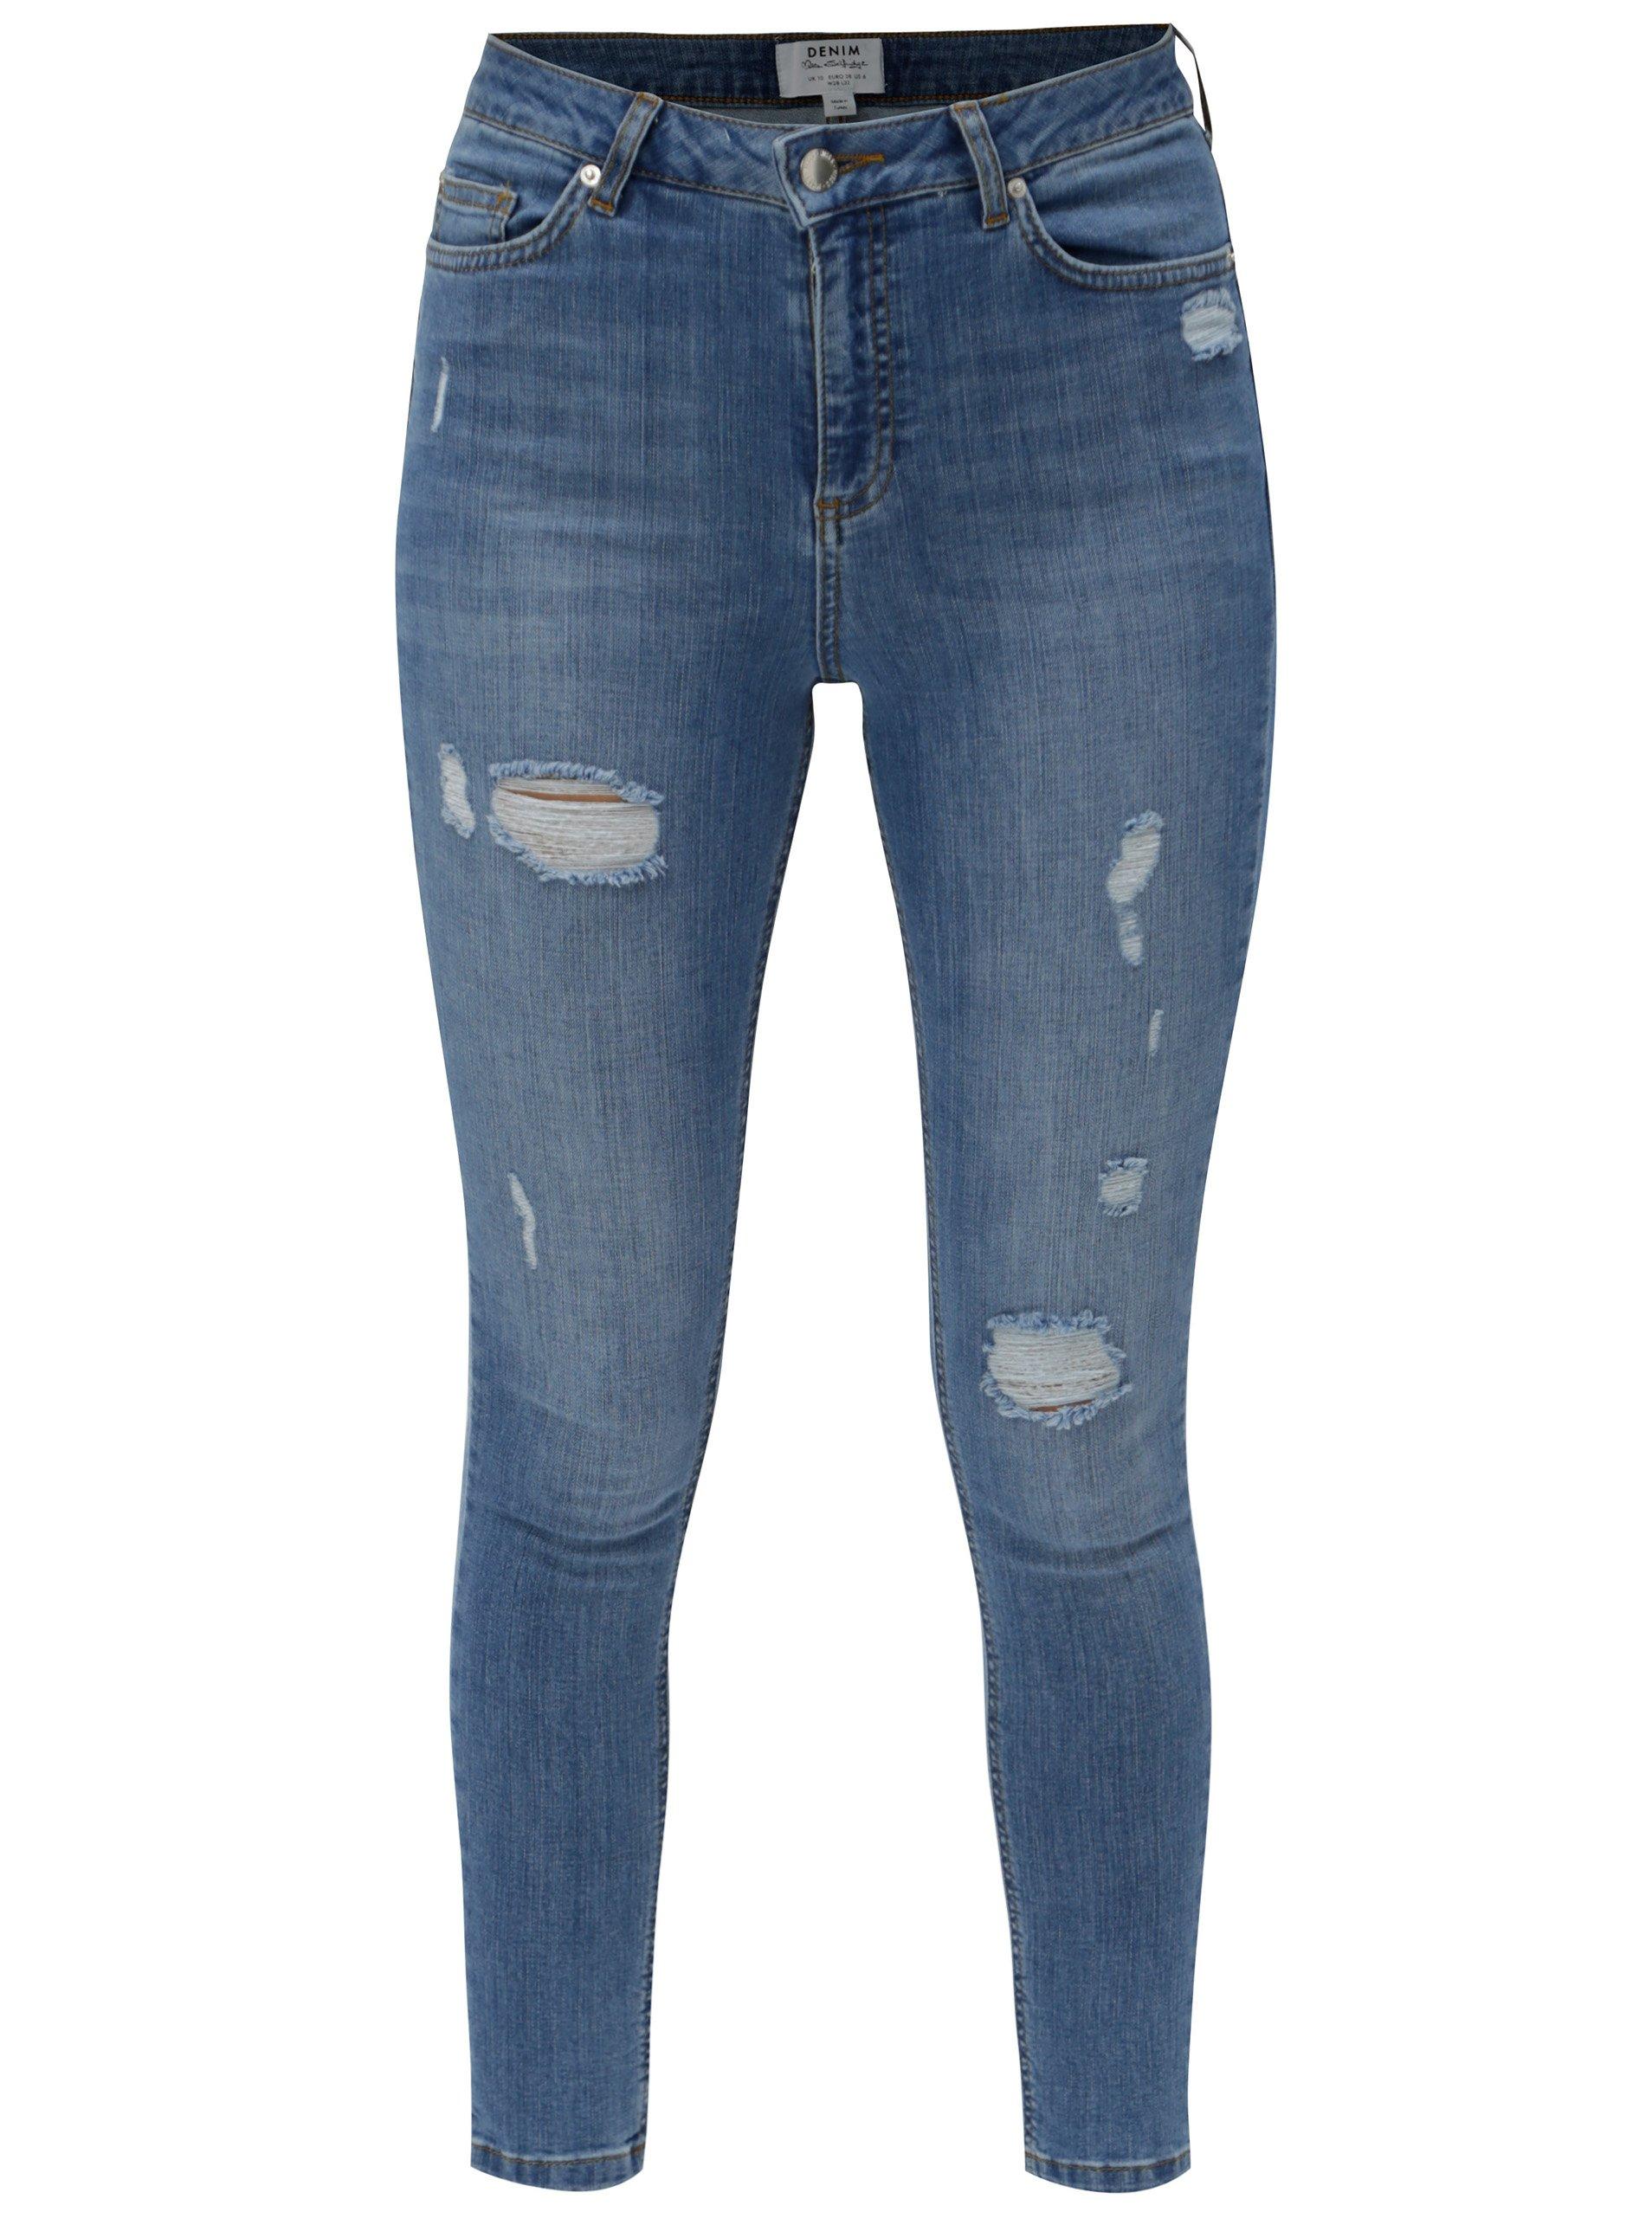 Světle modré super skinny džíny s vysokým pasem Miss Selfridge 846a836895